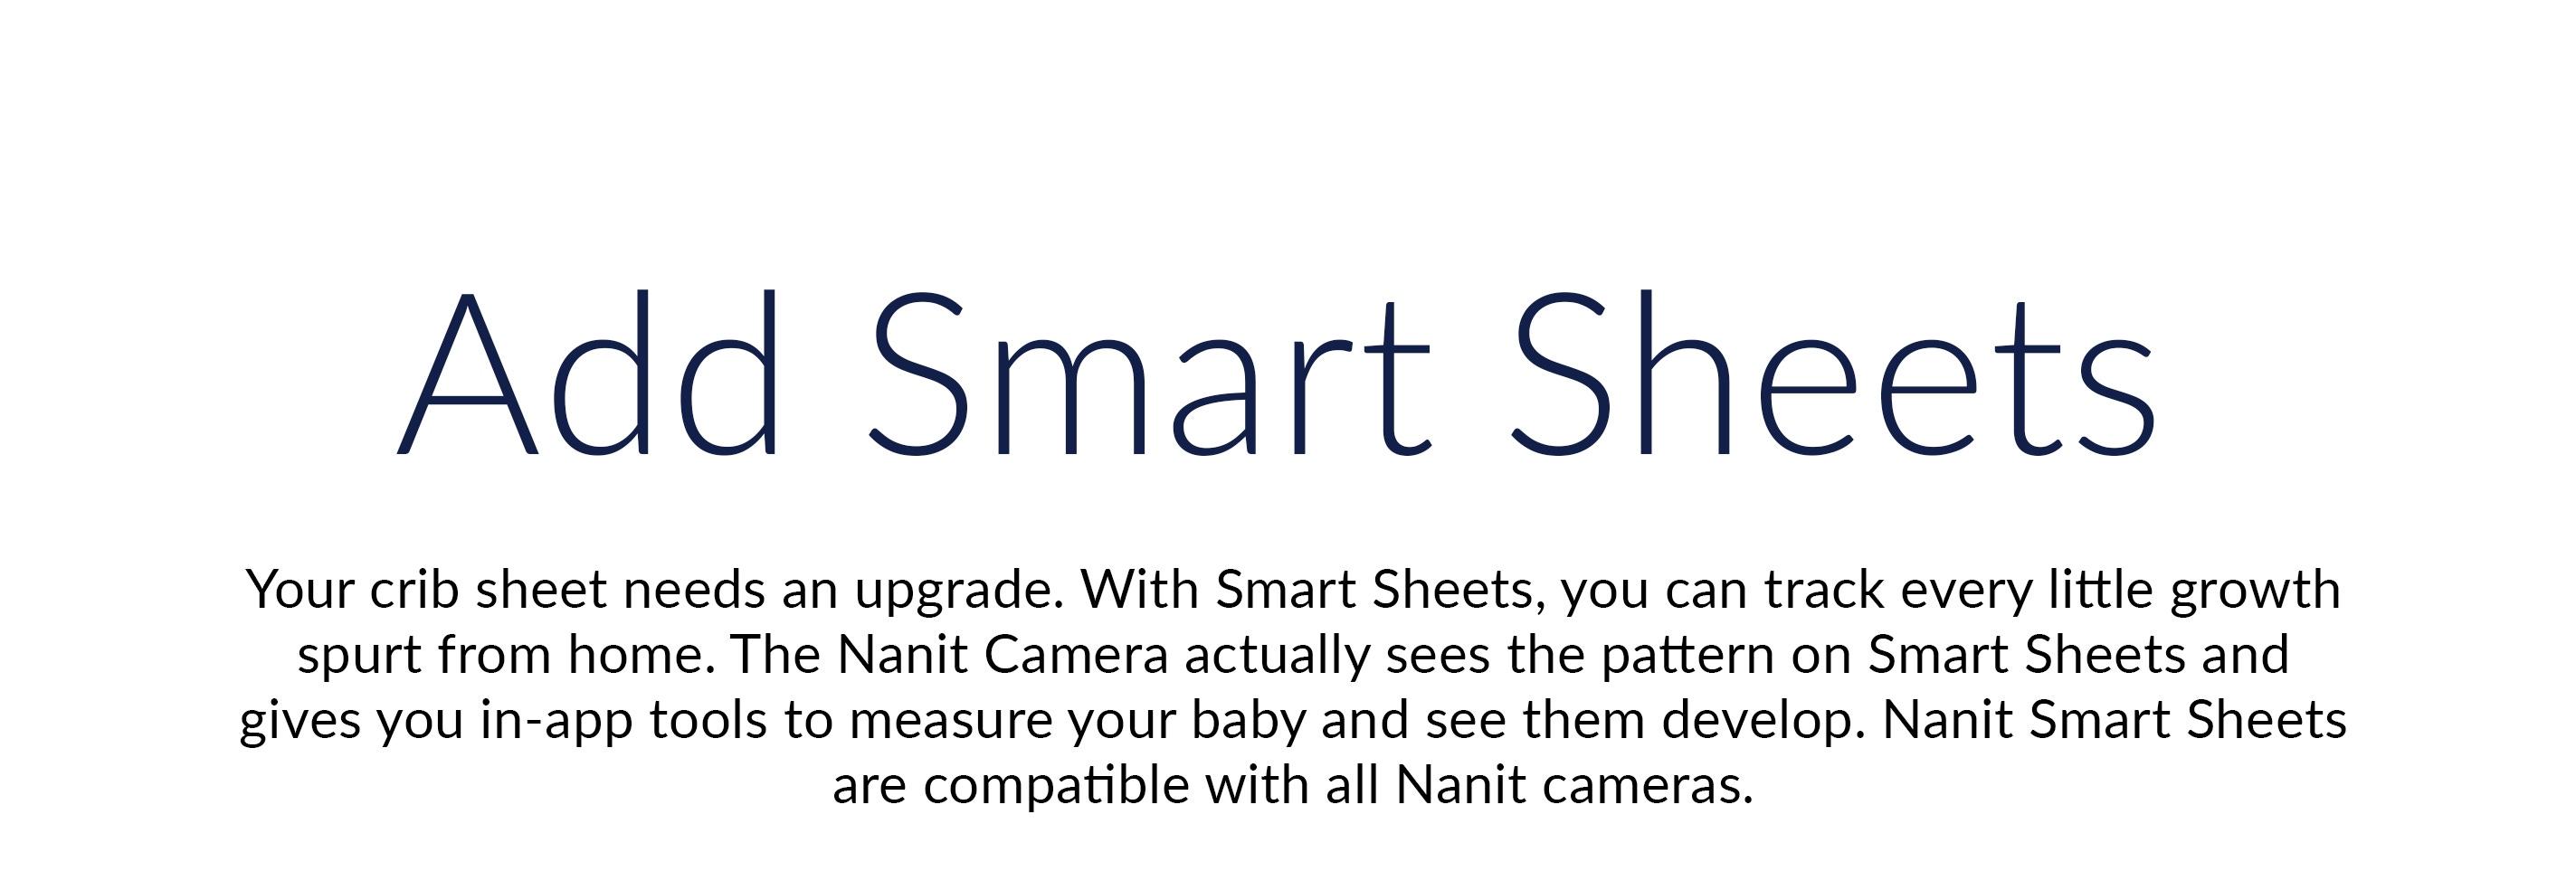 Add Smart Sheets